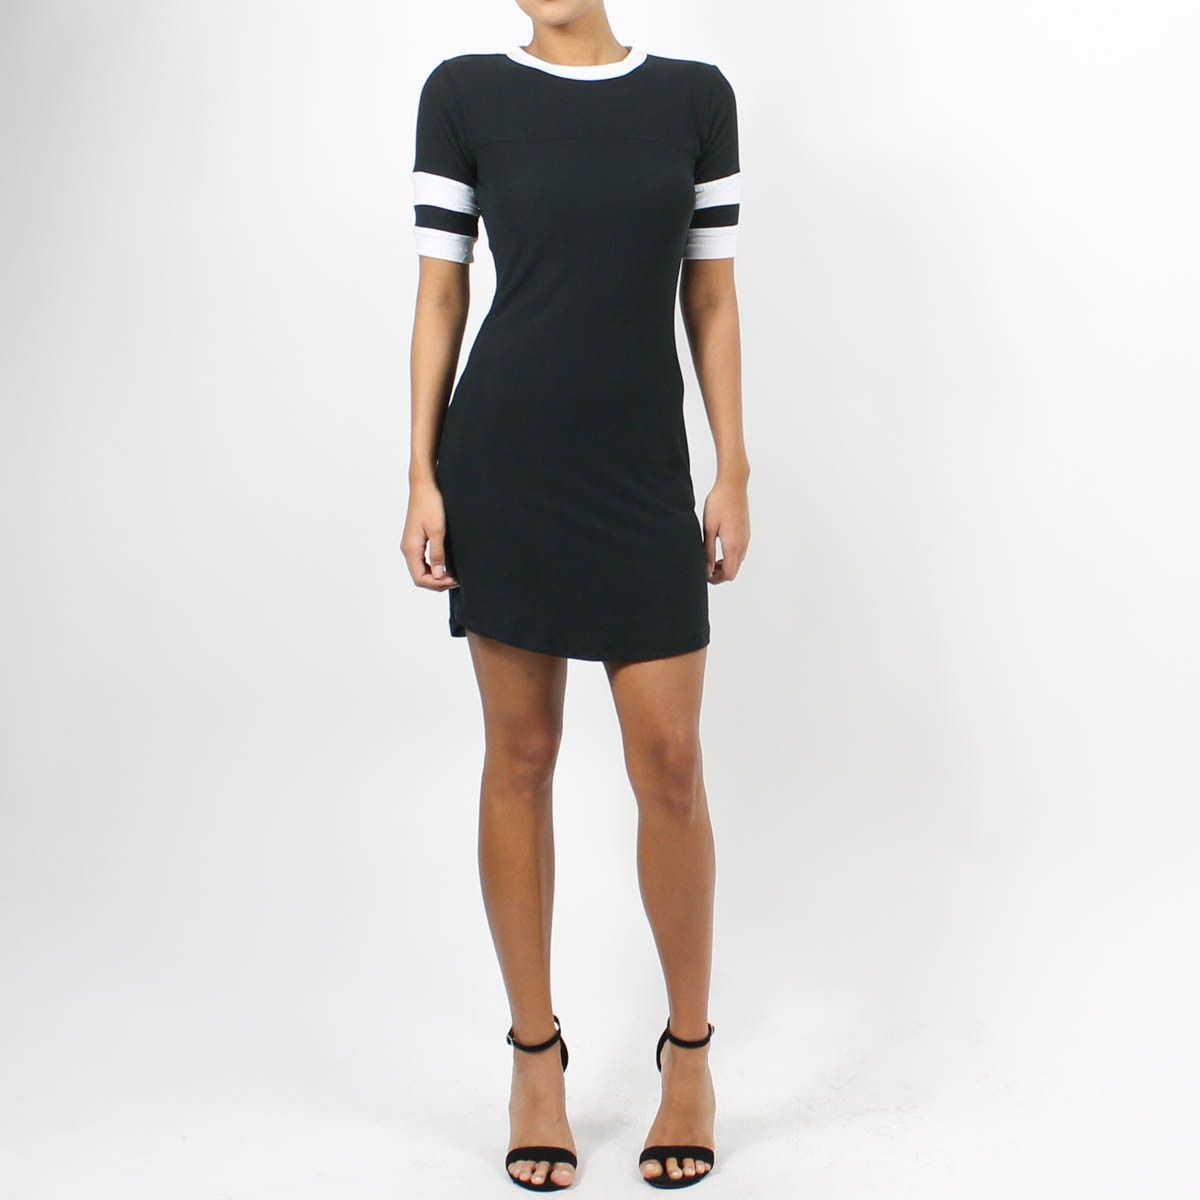 Grid Iron Mini Dress